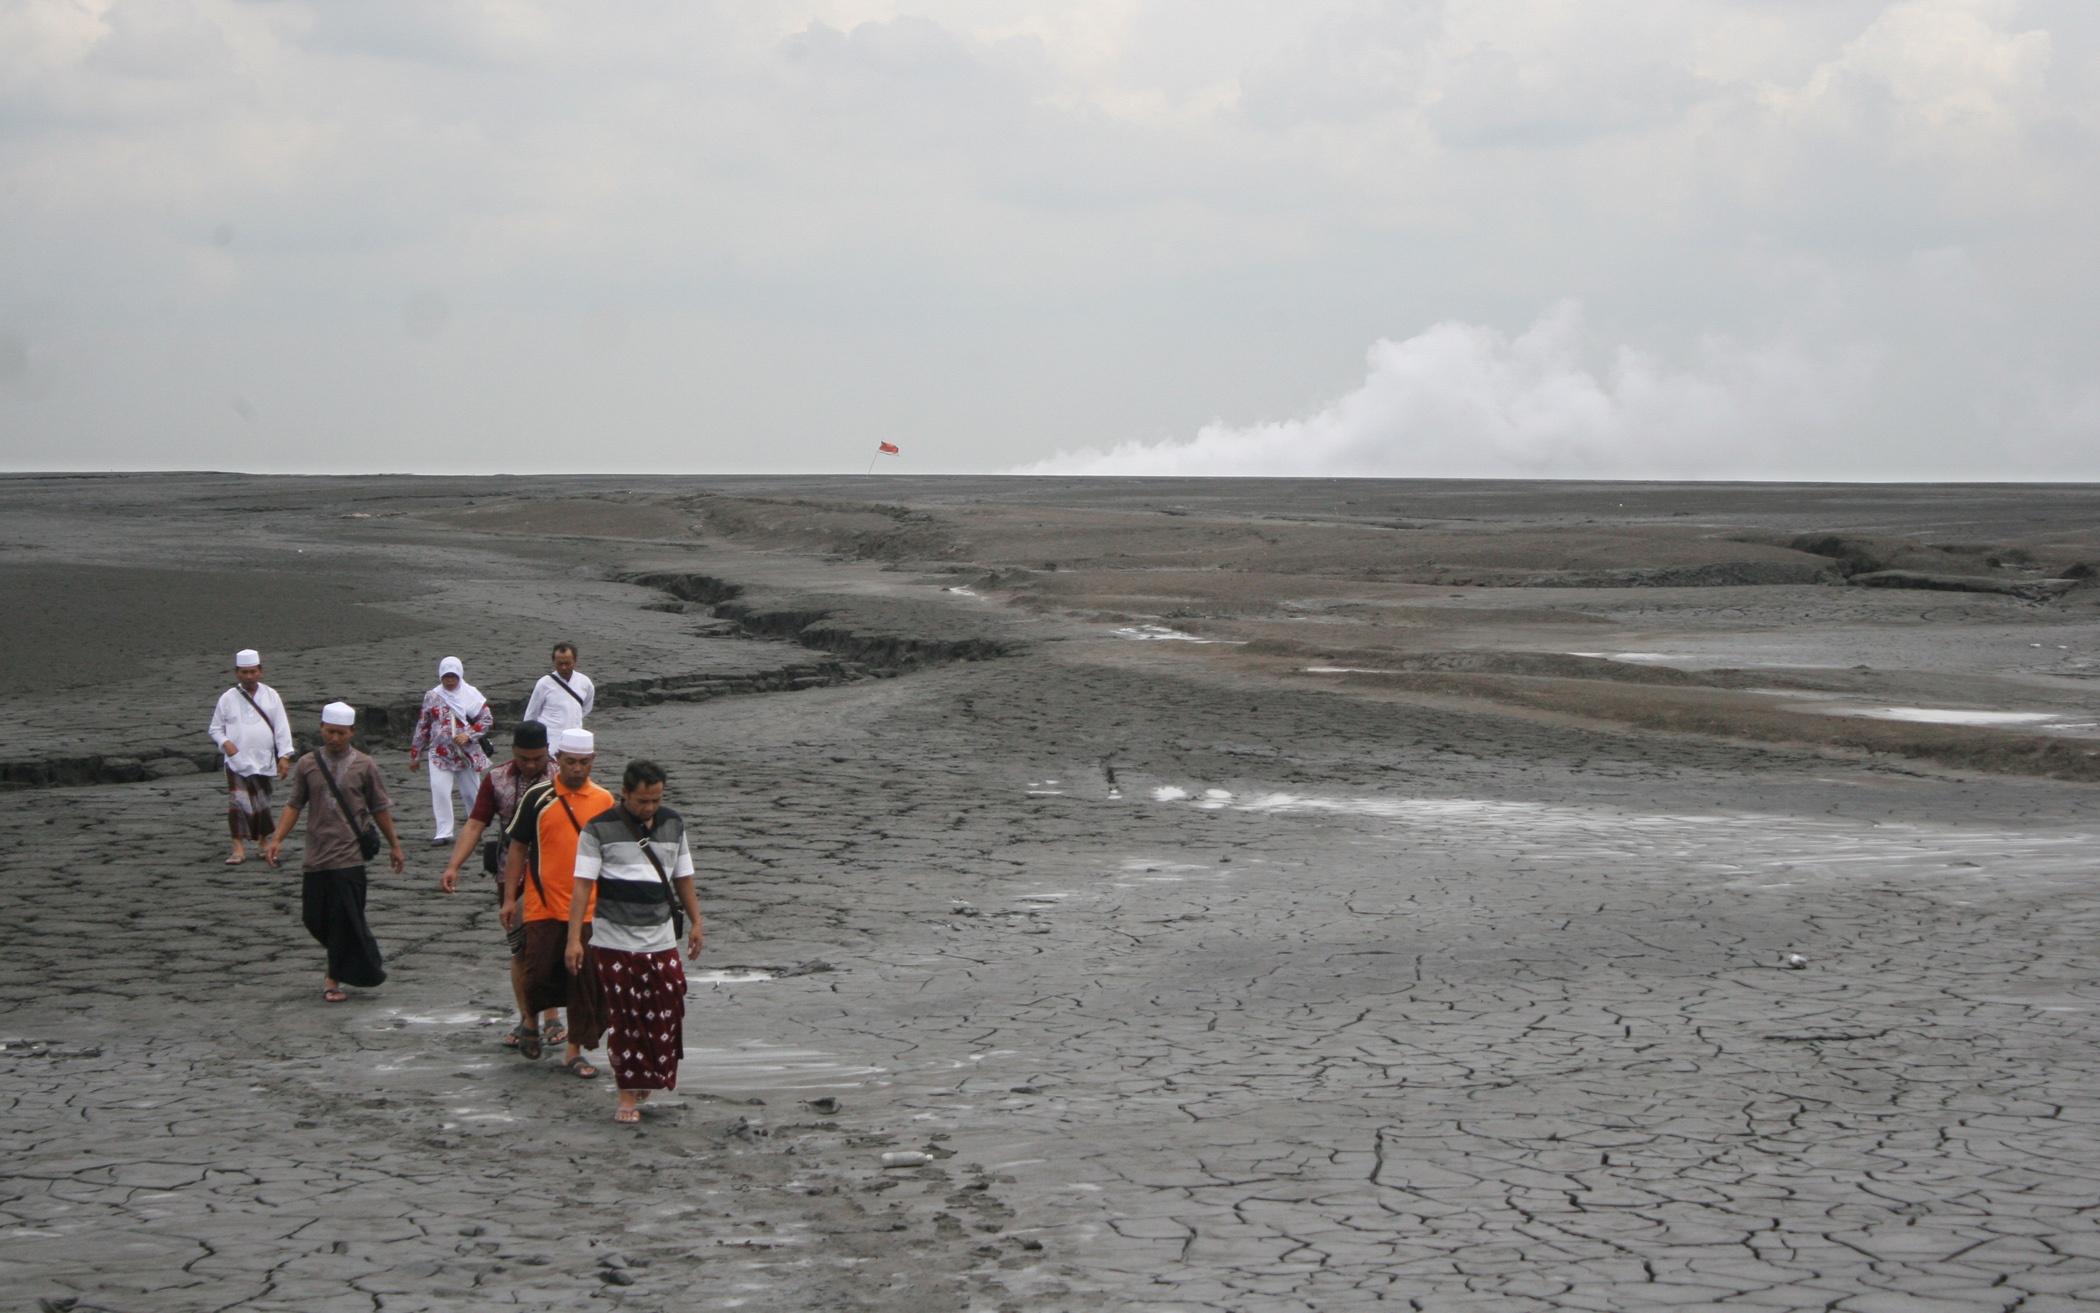 Wisata Lumpur Lapindo Desa Jatirejo Porong Sidoarjo Berita Daerah Sejumlah